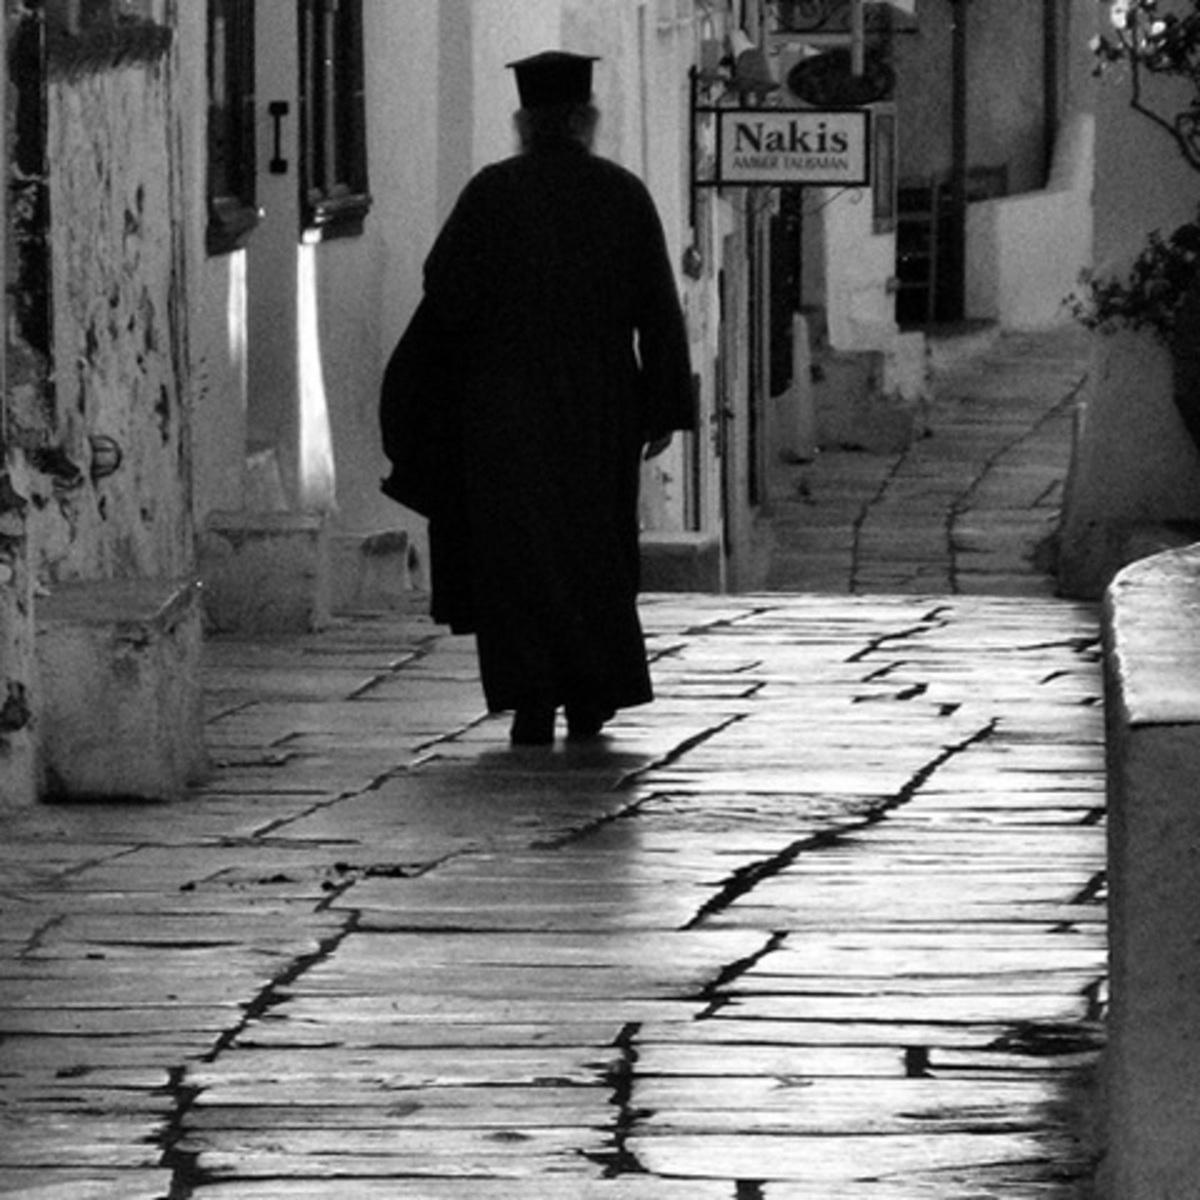 Πάτρα: Παπάς έκλεισε τις εκκλησίες και πήγε διακοπές! | Newsit.gr